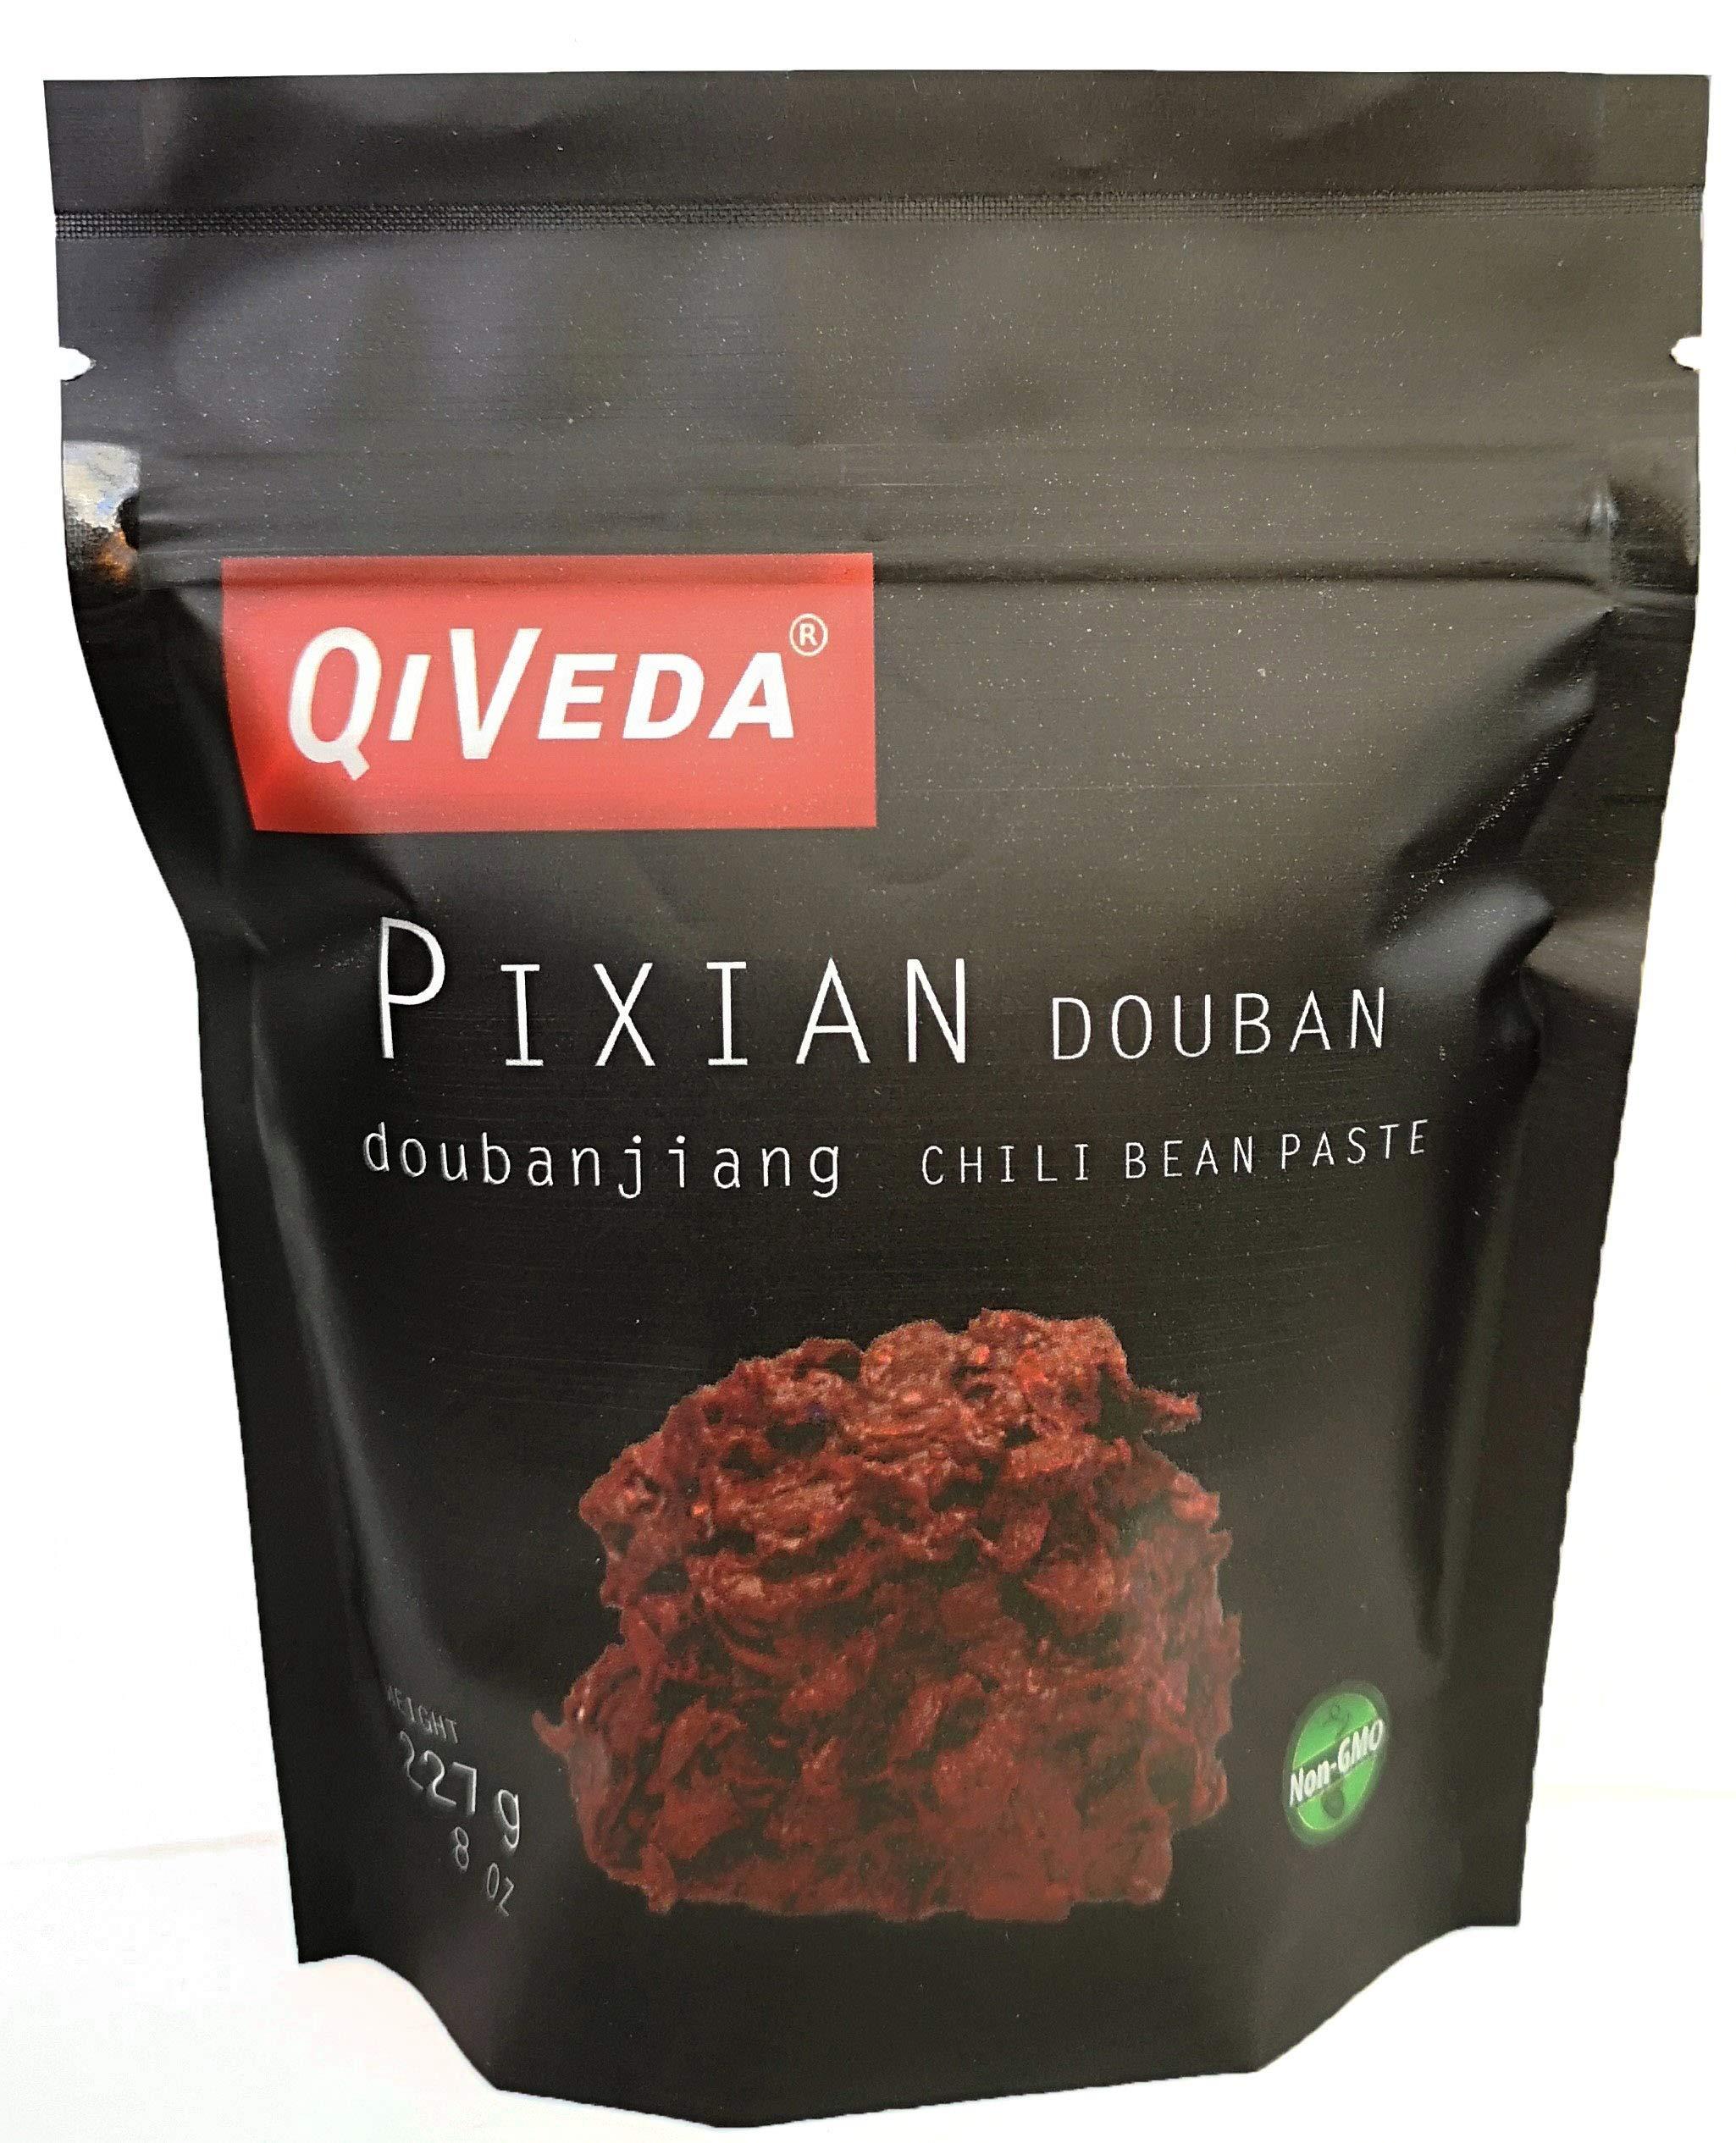 QiVeda Pixian Douban (Chili Bean Paste) [Doubanjiang] (8 oz.)